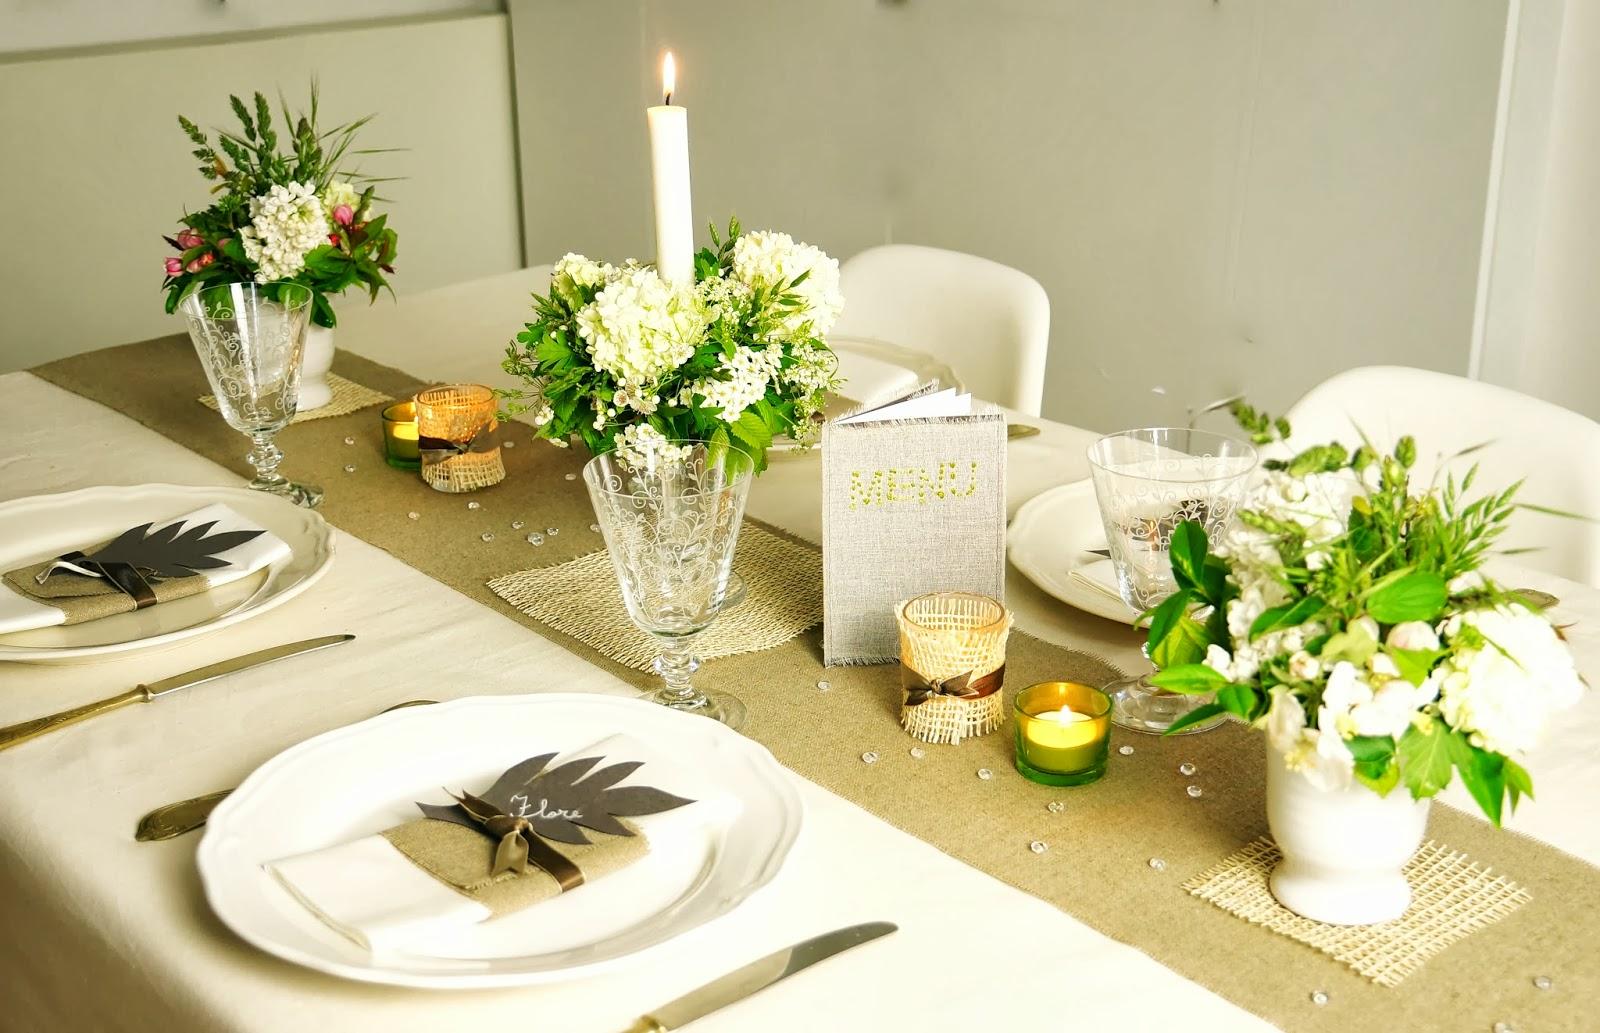 magasin de d coration de mariage en belgique id es et d 39 inspiration sur le mariage. Black Bedroom Furniture Sets. Home Design Ideas